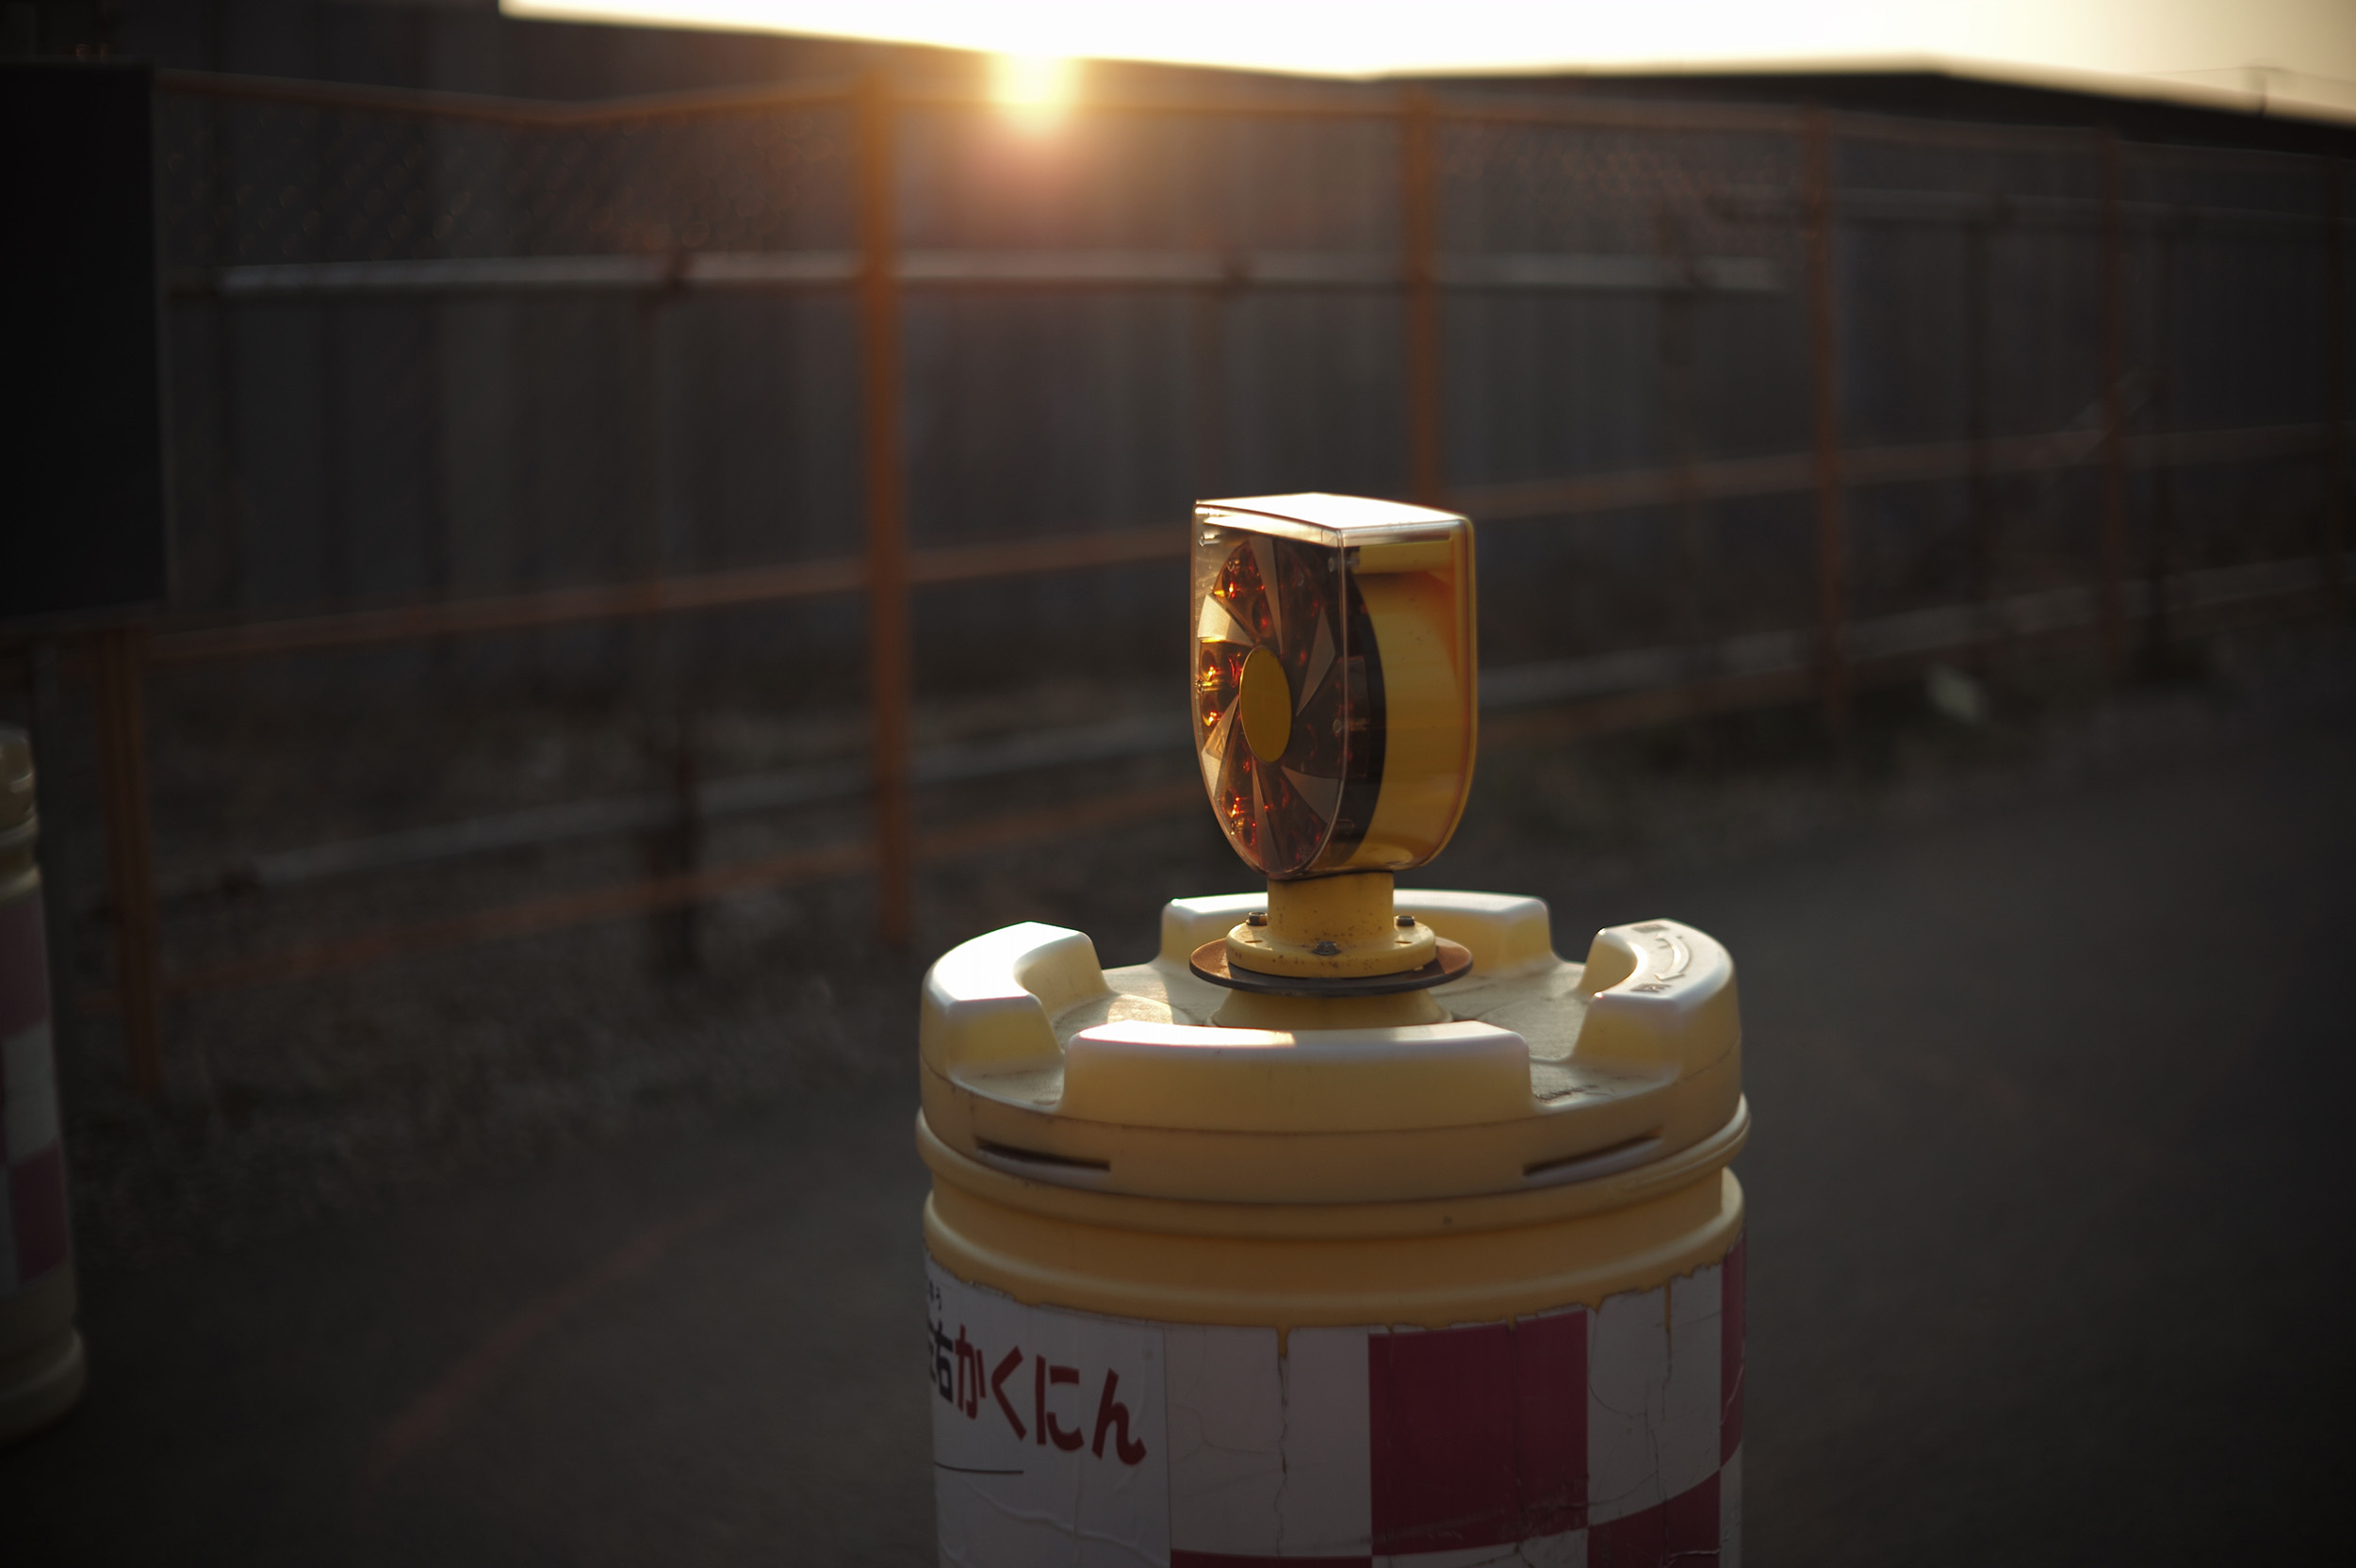 013061_12_leica_noctilux_50mm_f1.2_m